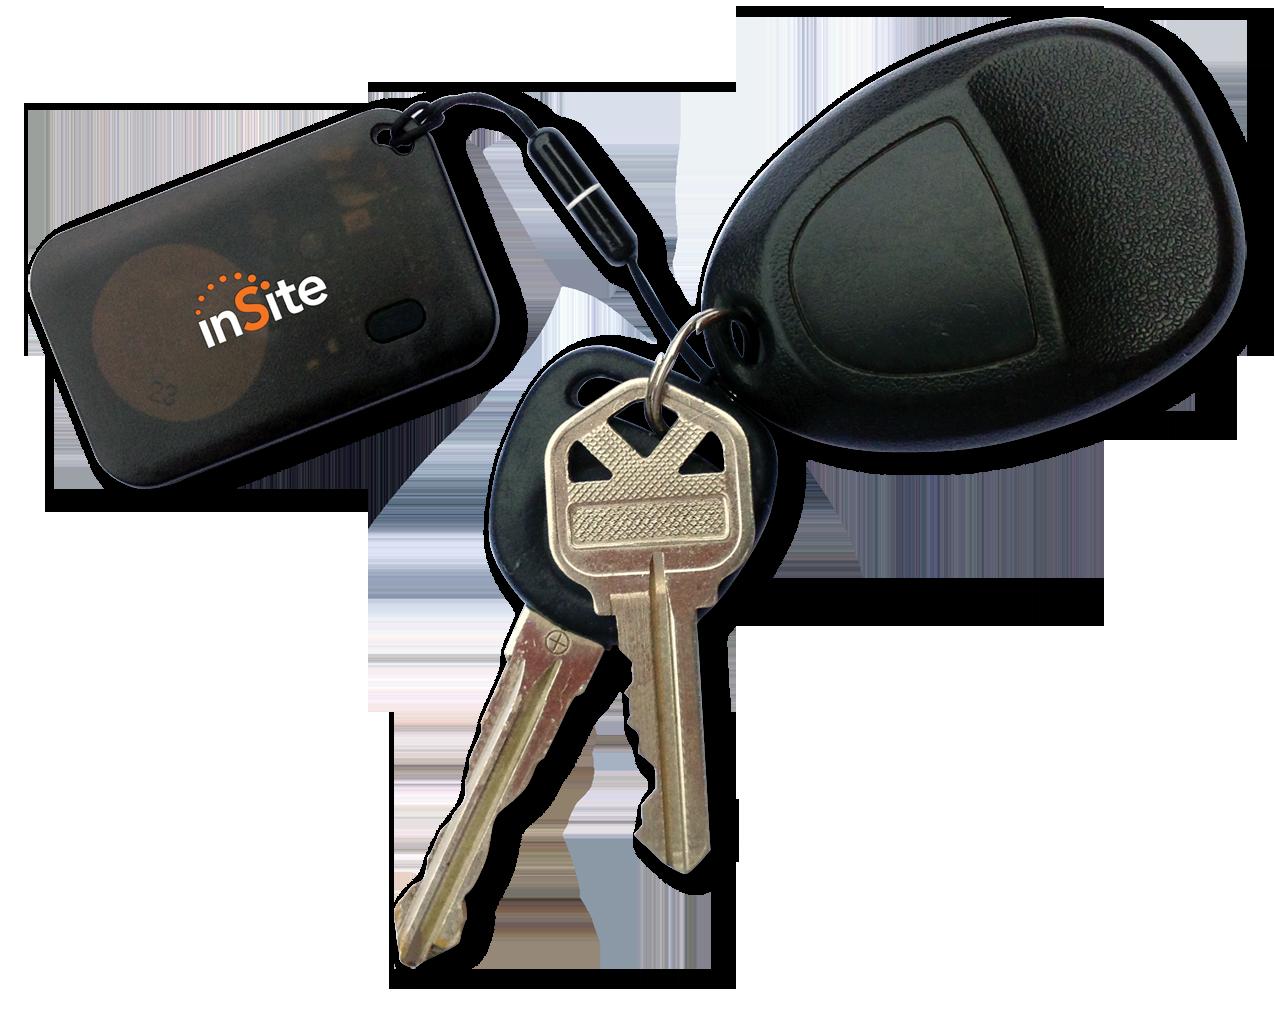 Misc Gear Car Gear Bluetooth